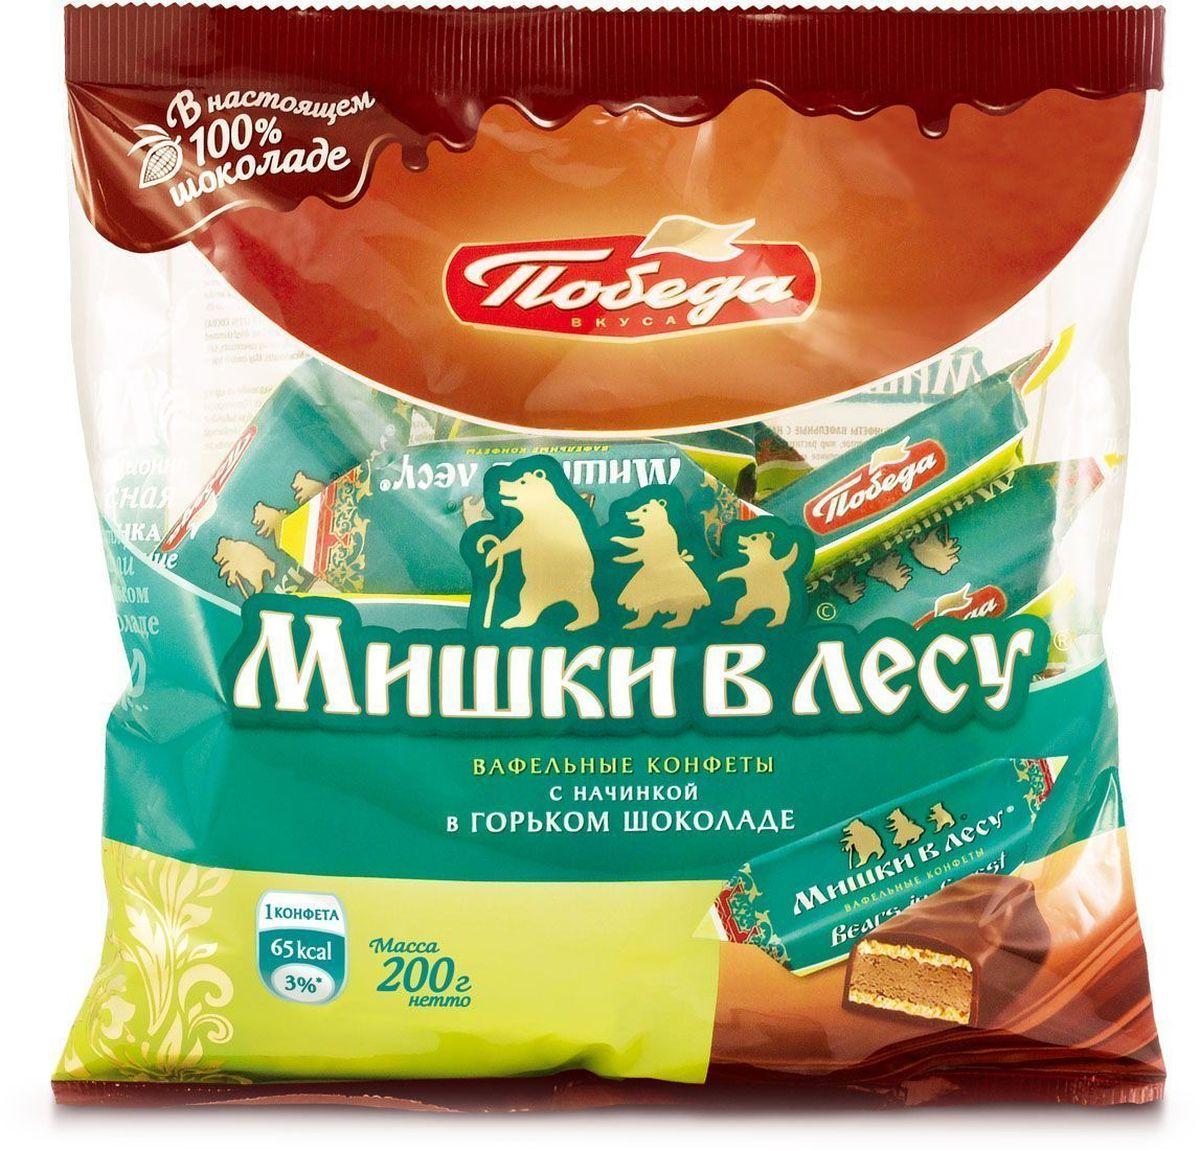 Победа вкуса Мишки в лесу вафельные конфеты с начинкой в горьком шоколаде 72%, 200 г591-R1Мягкая молочно-шоколадная начинка с хрустящей вафлей и карамелью в горьком шоколаде 72%. Новое прочтение традиционной рецептуры раскрывает богатство композиции и придает оригинальность вкусовым оттенкам.